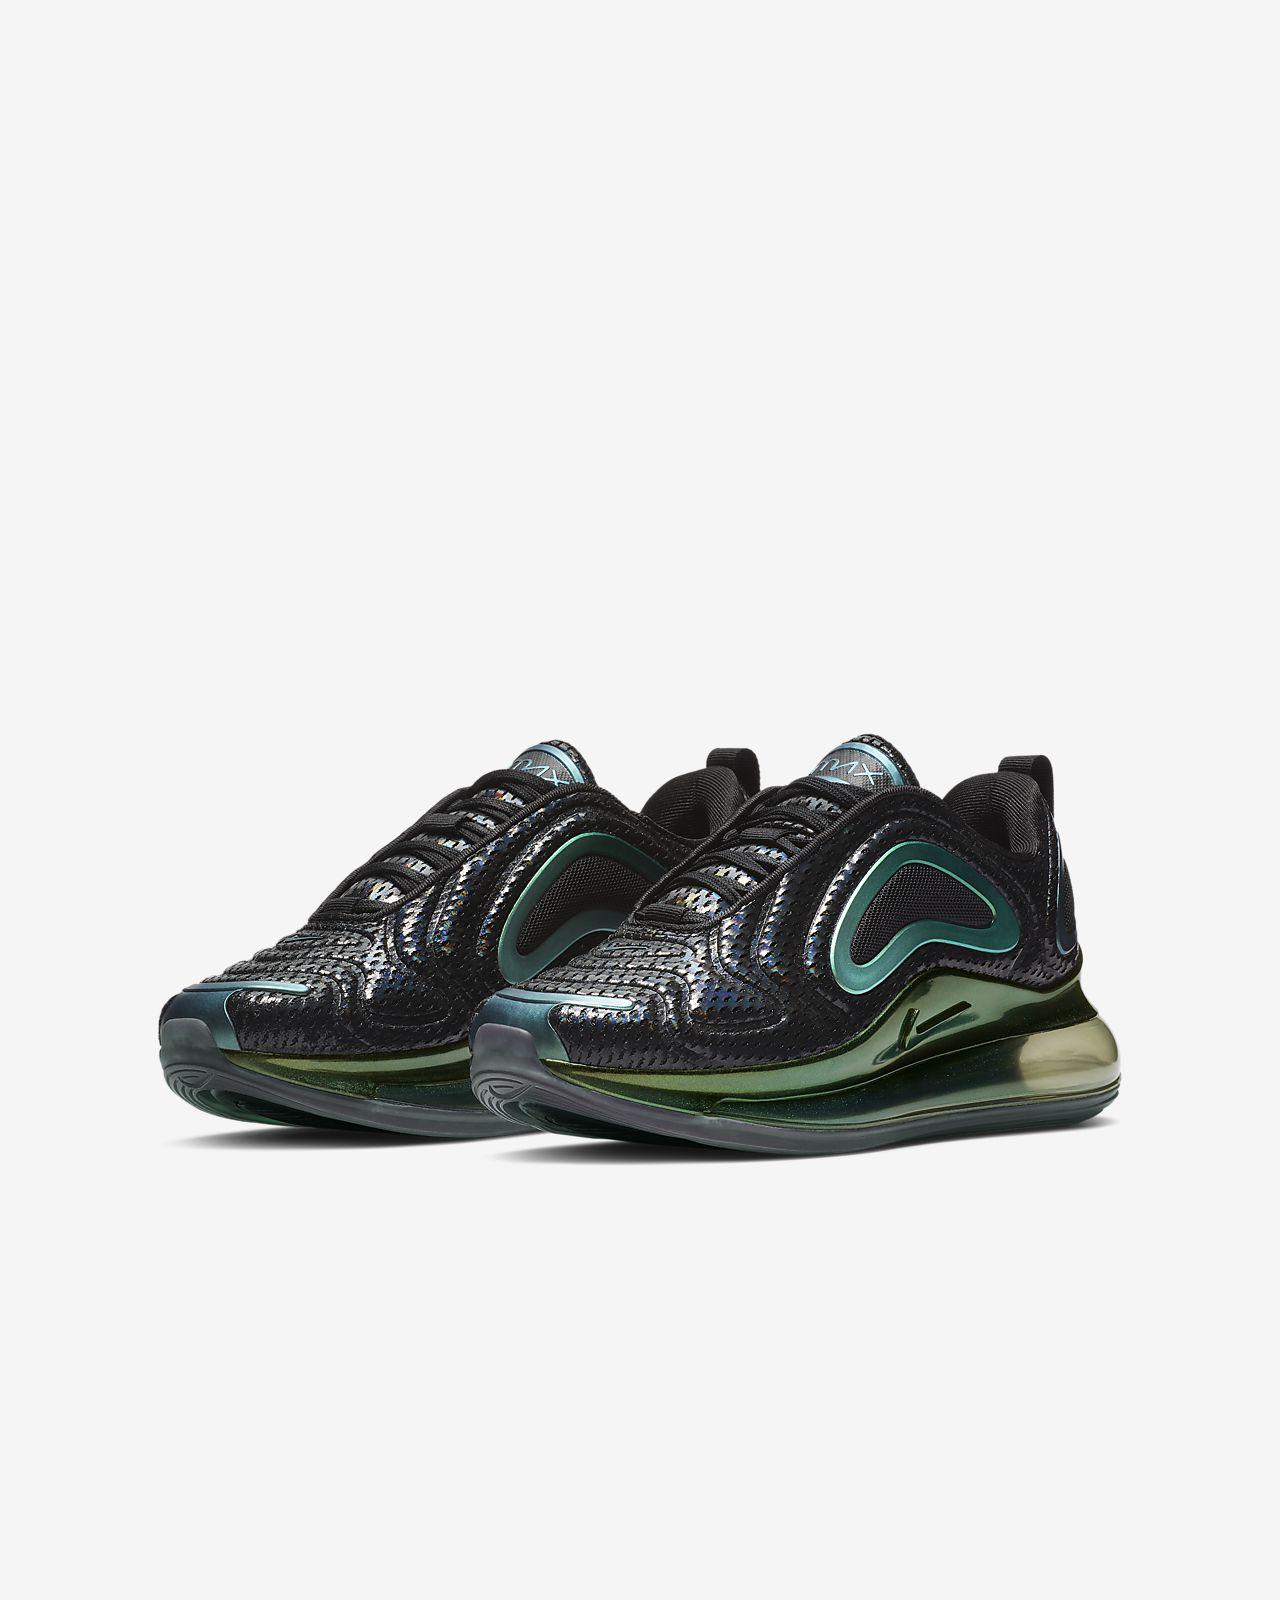 reputable site c7331 dea6d ... Chaussure Nike Air Max 720 pour Jeune enfant Enfant plus âgé